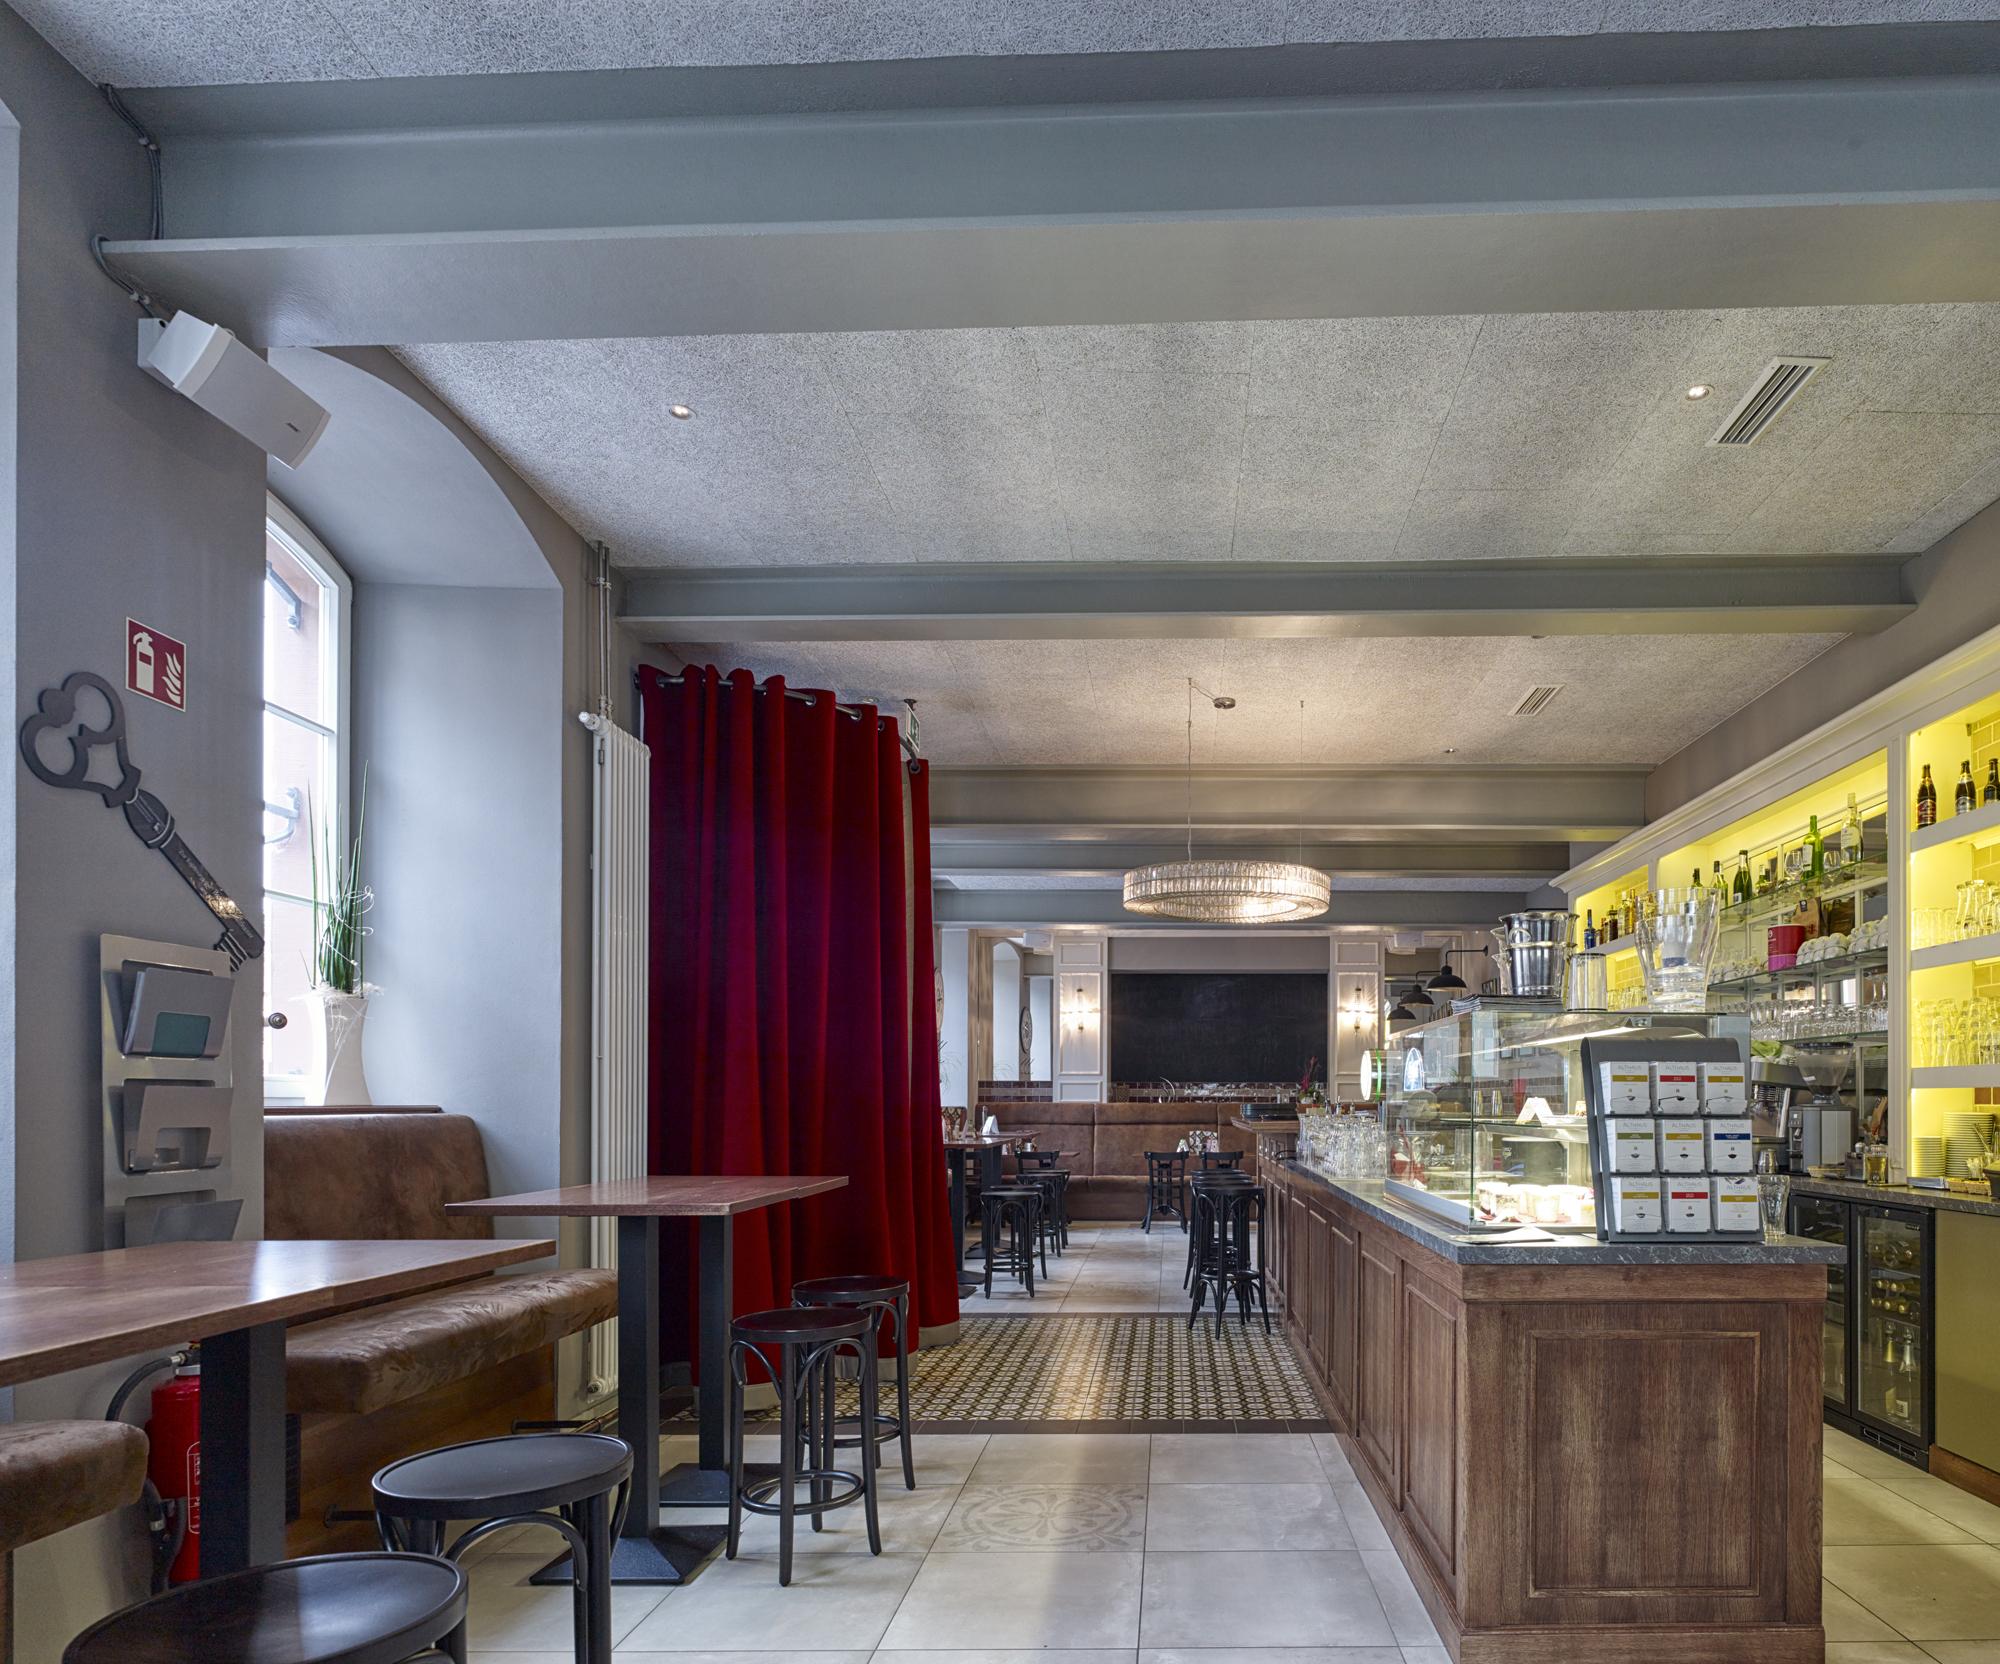 Thurn und Taxis Gebäude, Wittlich Revitalisierung Innenansicht Café